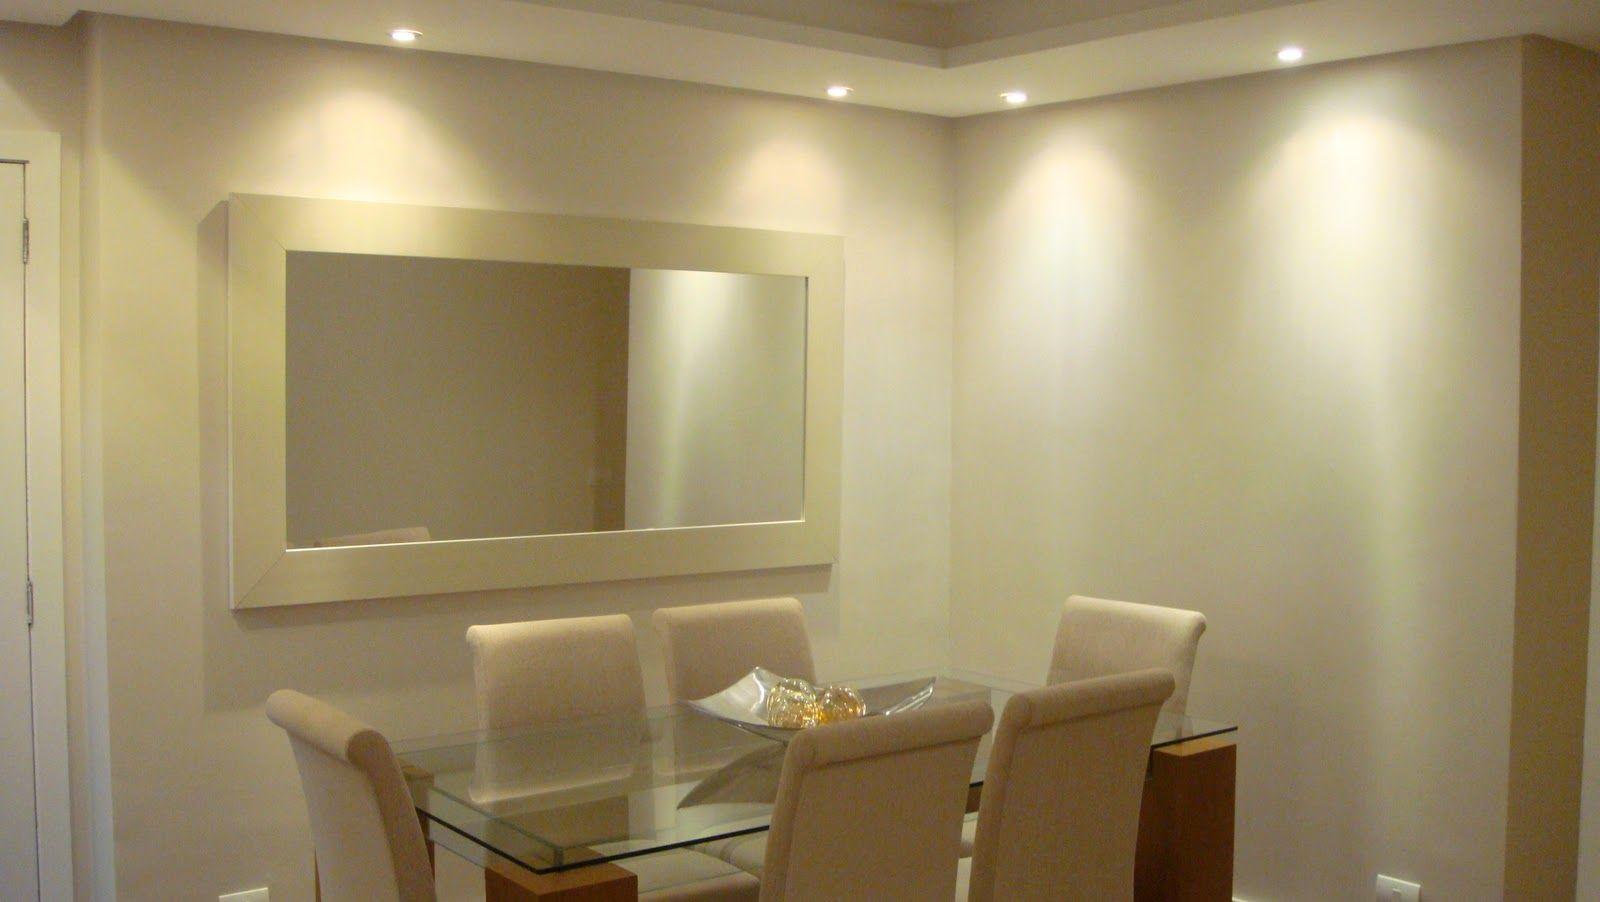 De Gesso Para Apartamento Pequeno Forro De Gesso Flutuante Na Vila  -> Modelo De Forro Rebaixado Em Apartamentos 51M2